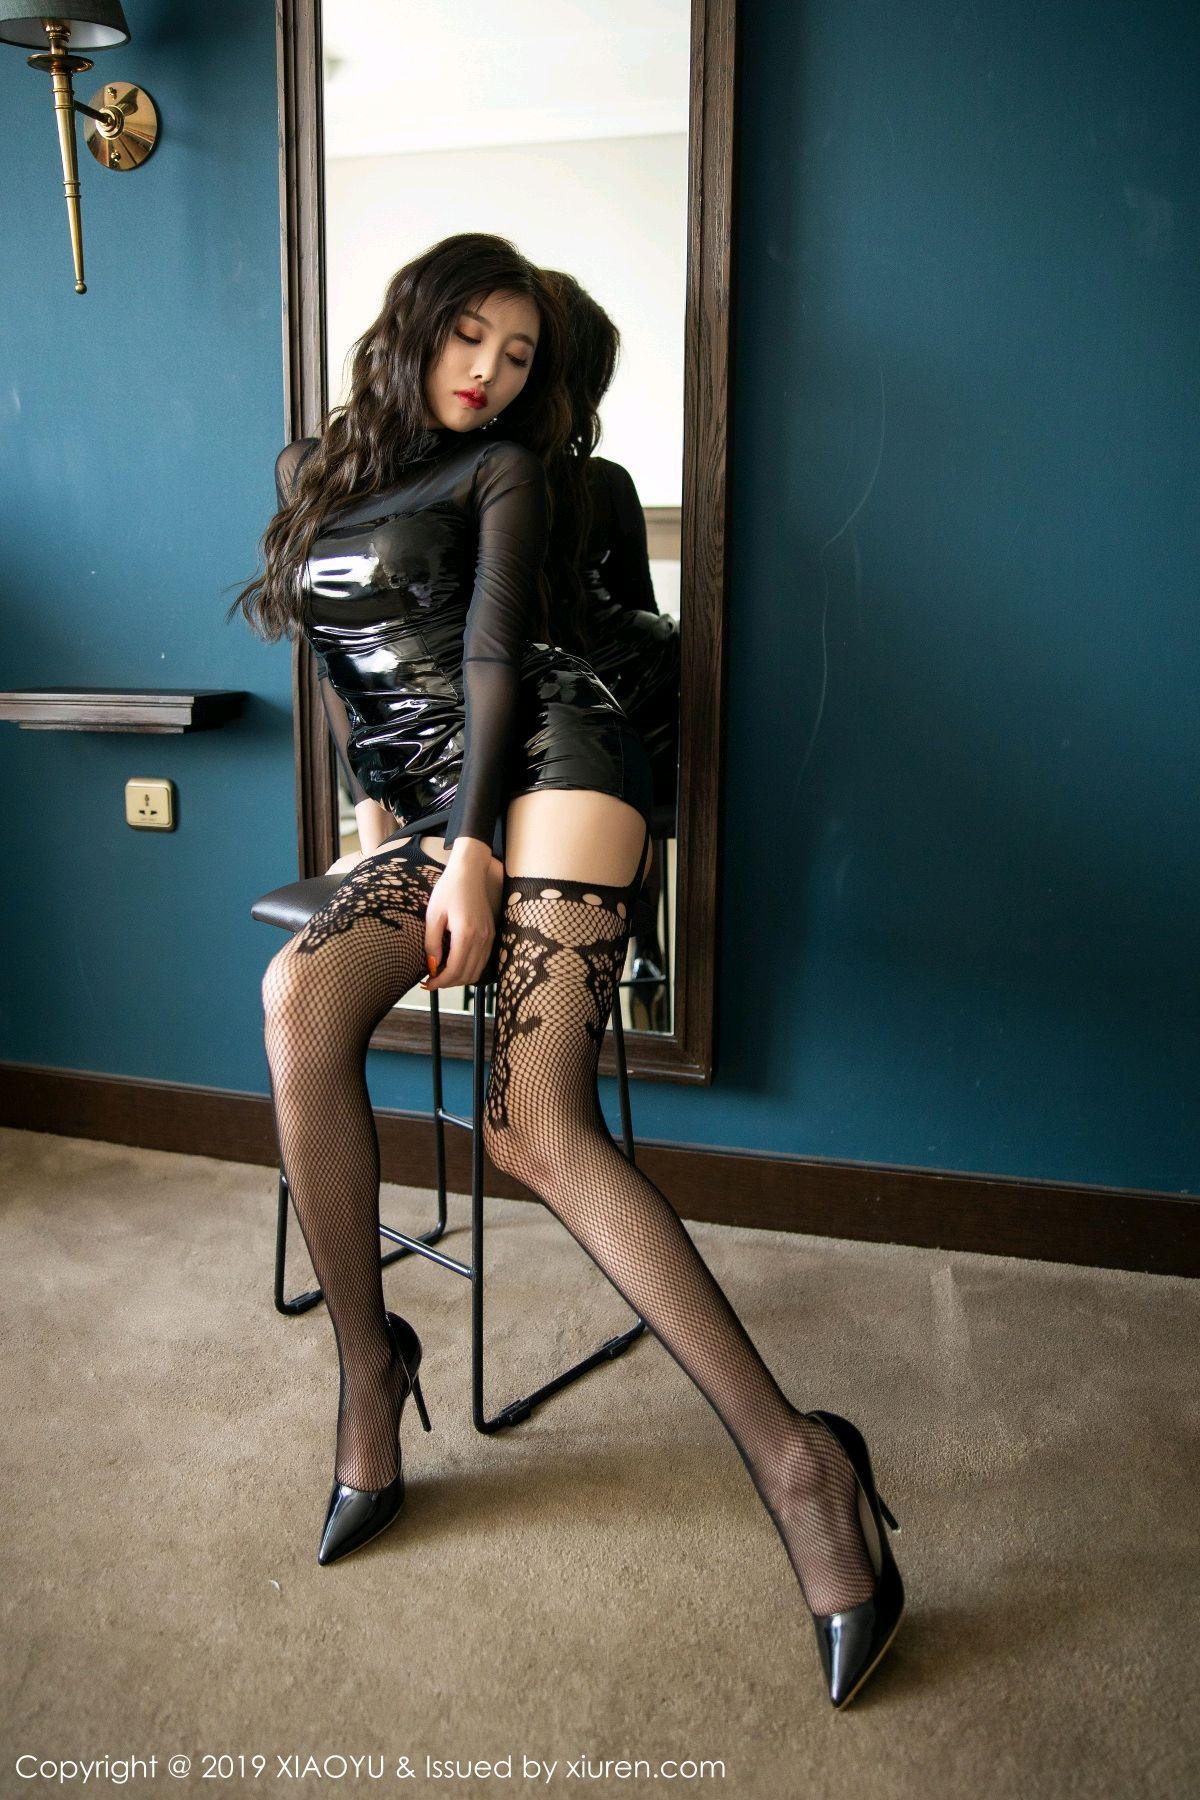 [XiaoYu] Vol.199 Yang Chen Chen 31P, Black Silk, Underwear, XiaoYu, Yang Chen Chen